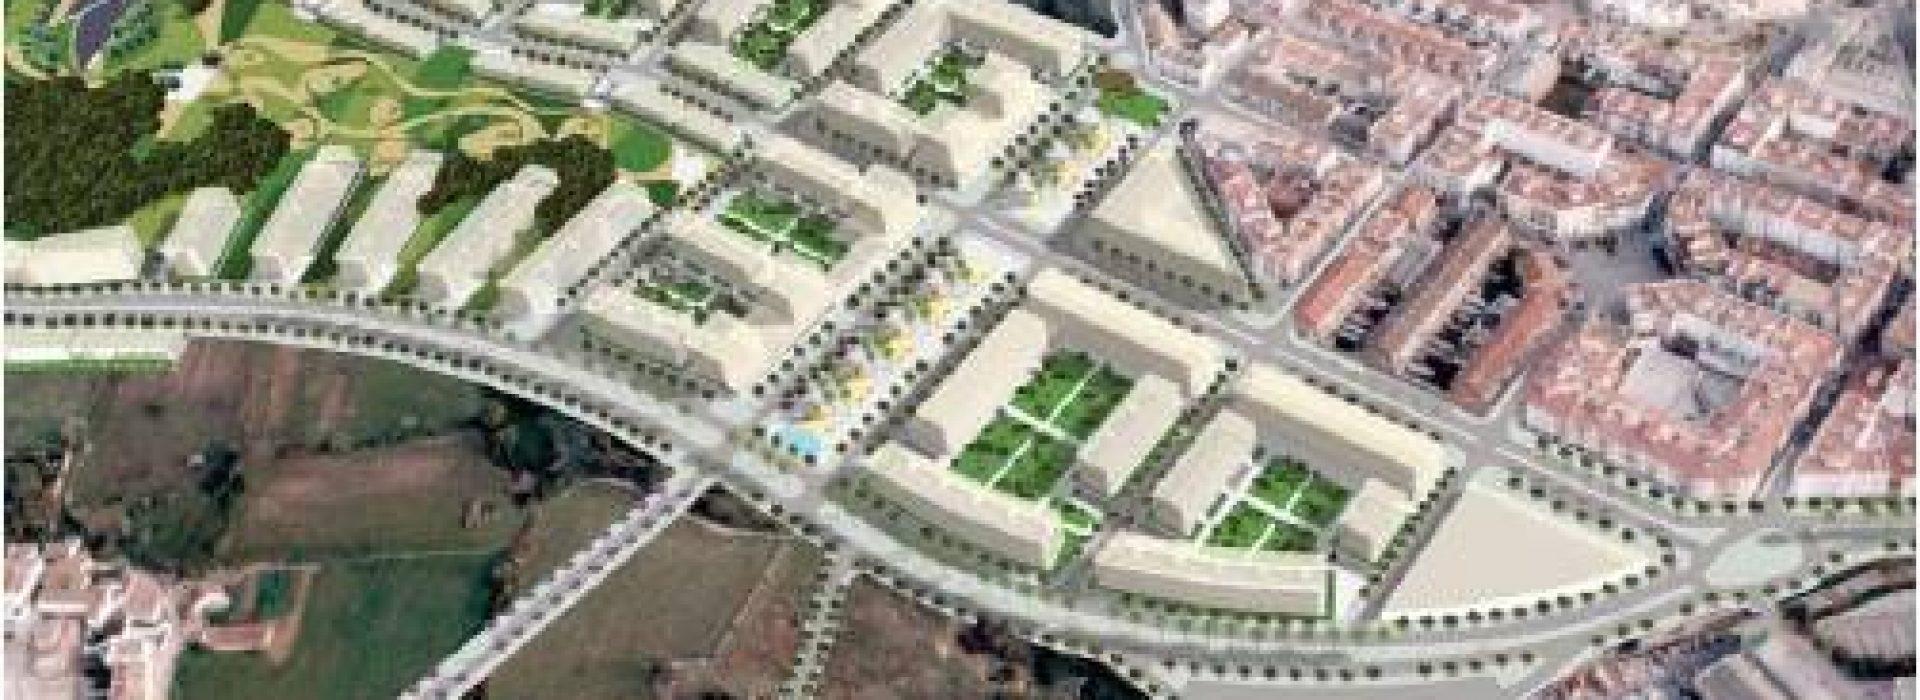 Mercat Parc Central proyecto de arquitectura y urbanismo y gestión integral en Sant pere de Ribes, Barcelona. TR Grupo Inmobiliario